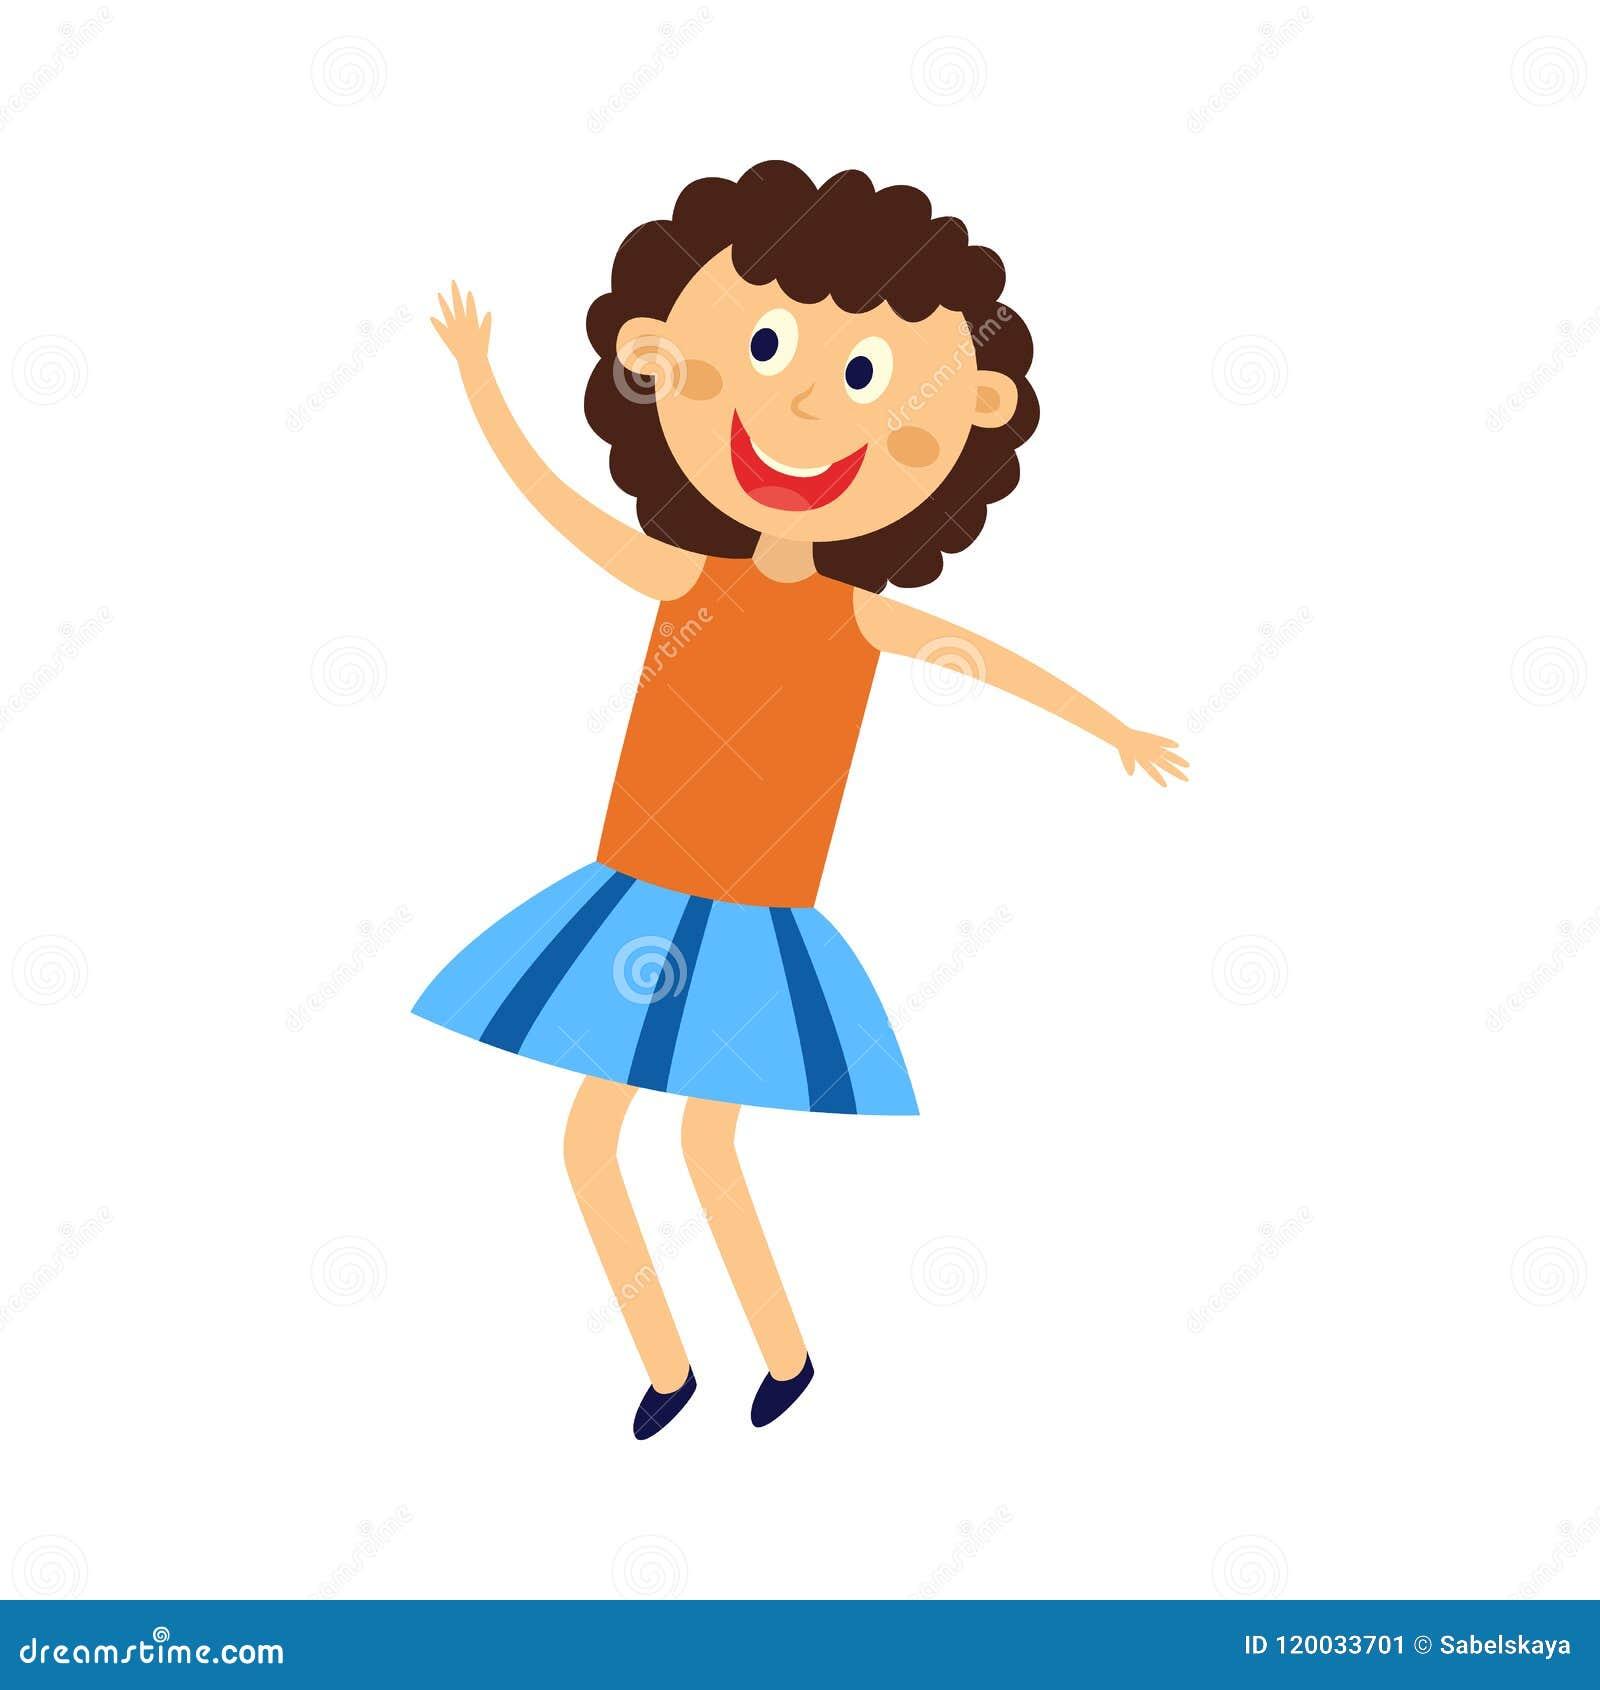 愉快的孩子女孩跳舞,跳跃和获得乐趣-逗人喜爱的平的动画片女性角色图片